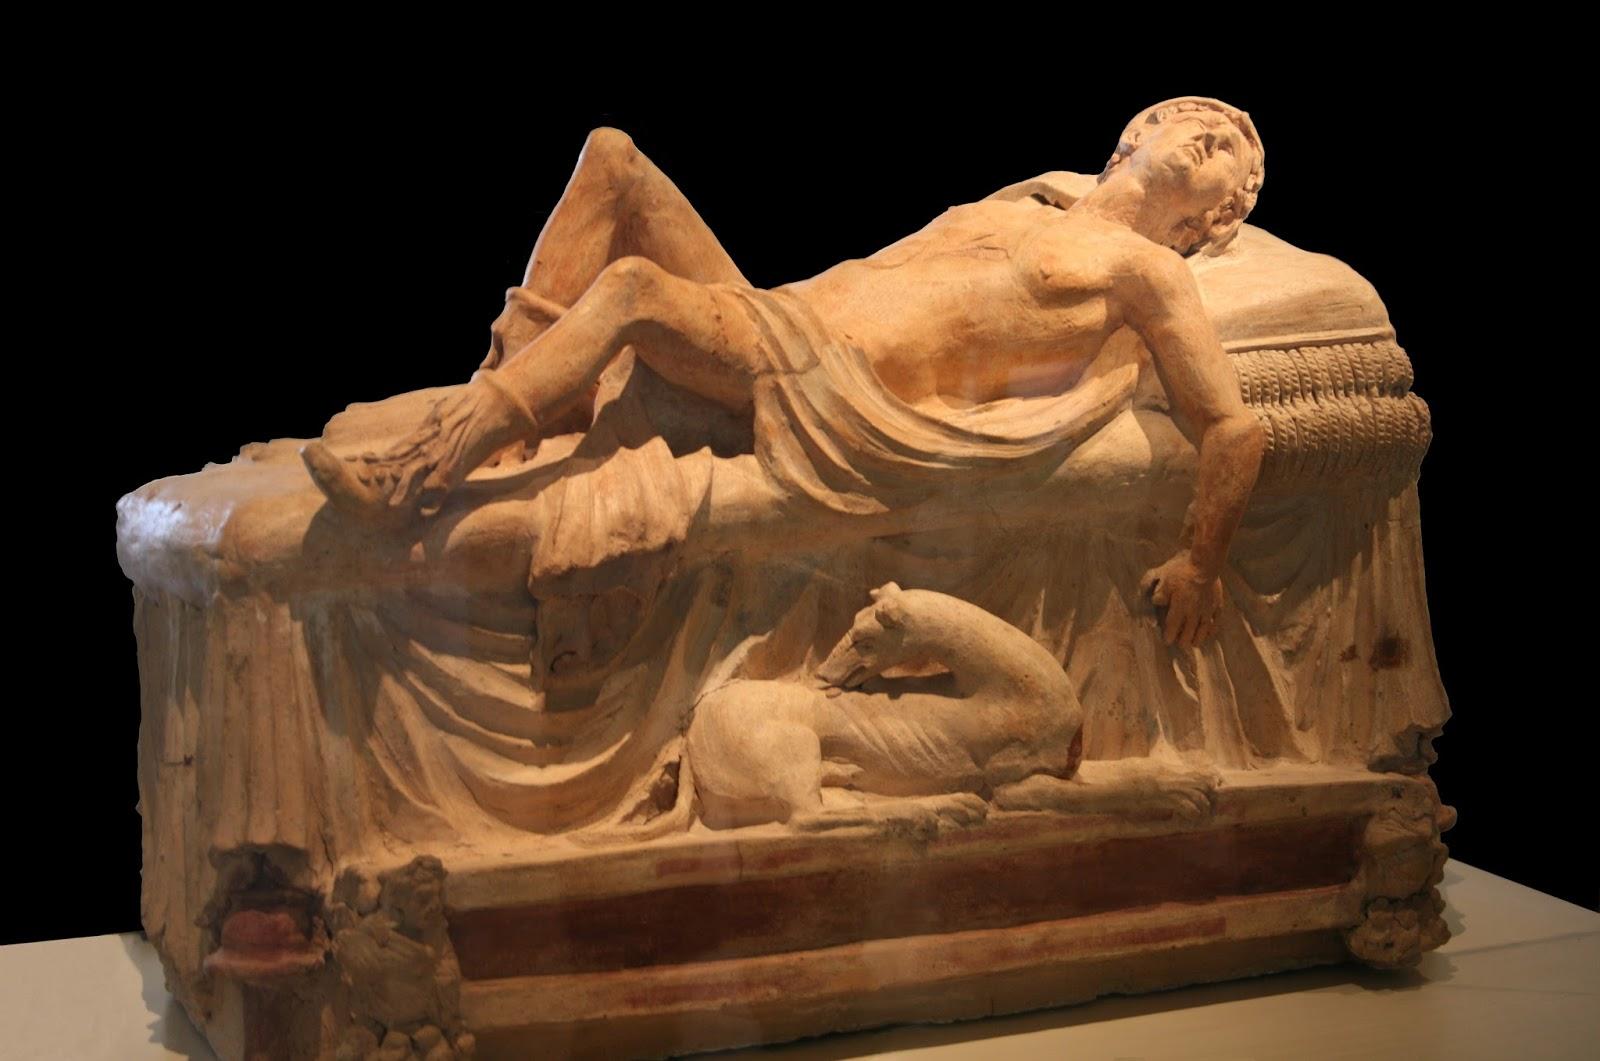 Monumento funerário. A Morte de Adónis. 250 a 100 ac. Museu Gregoriano Etrusco (Vaticano).